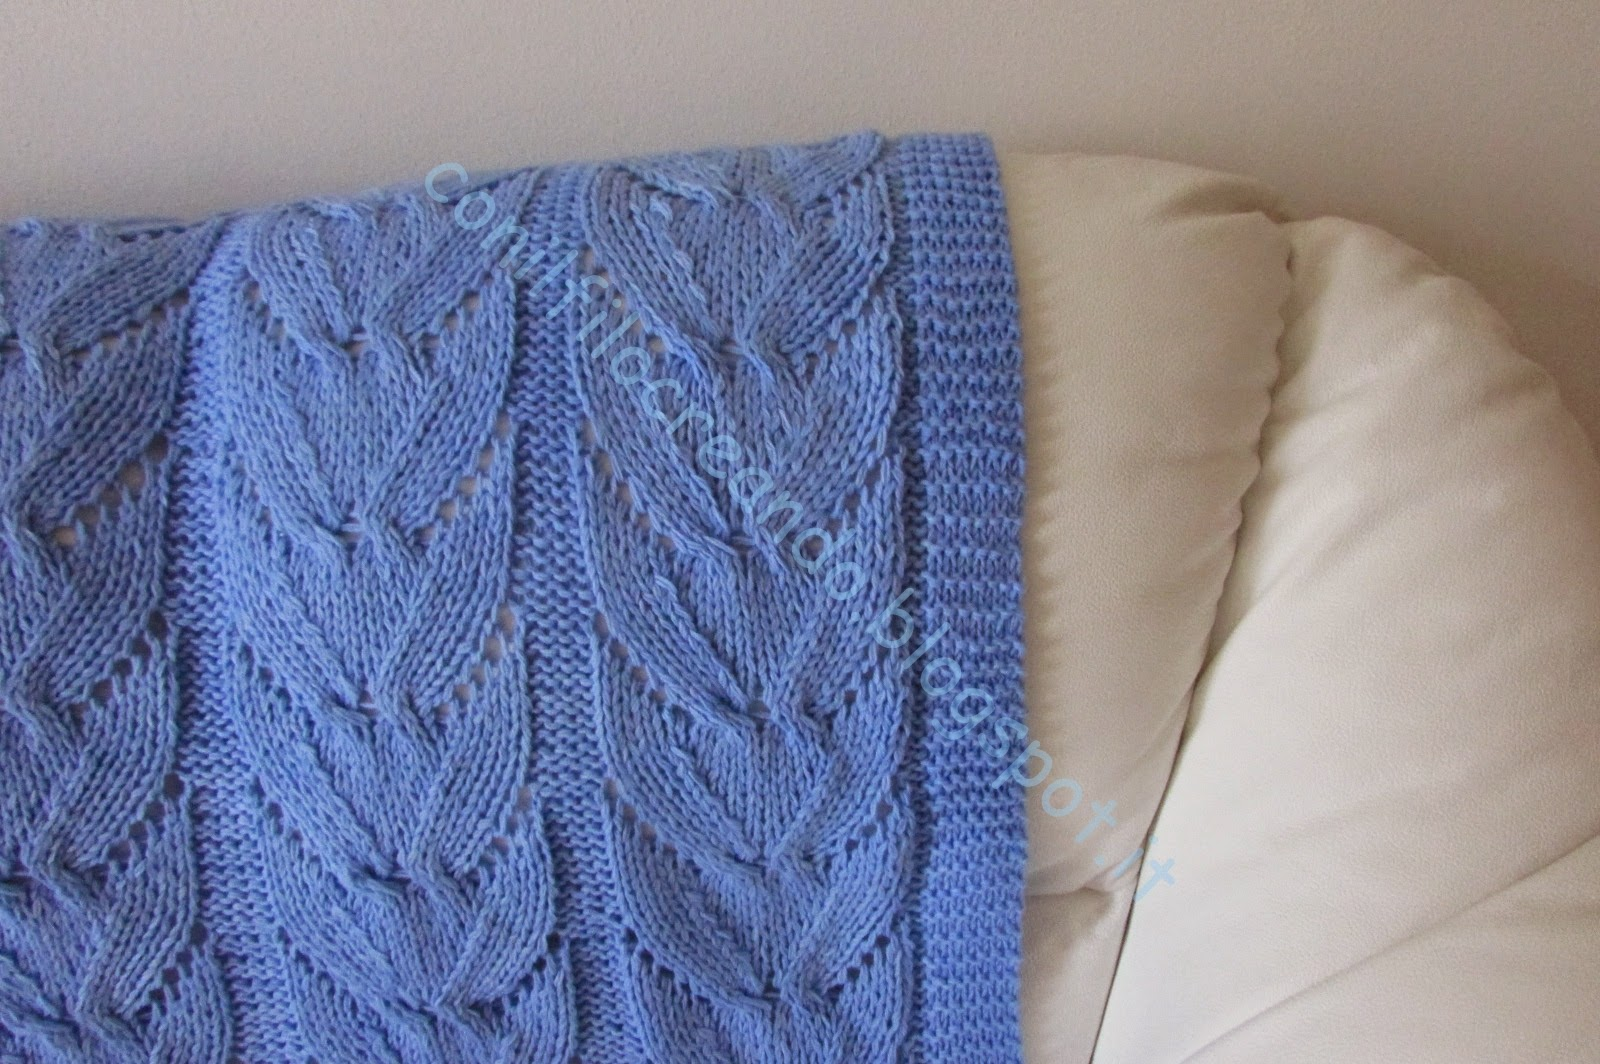 Ben noto copertine neonato lettino in lana fatta a mano ai ferri HR96